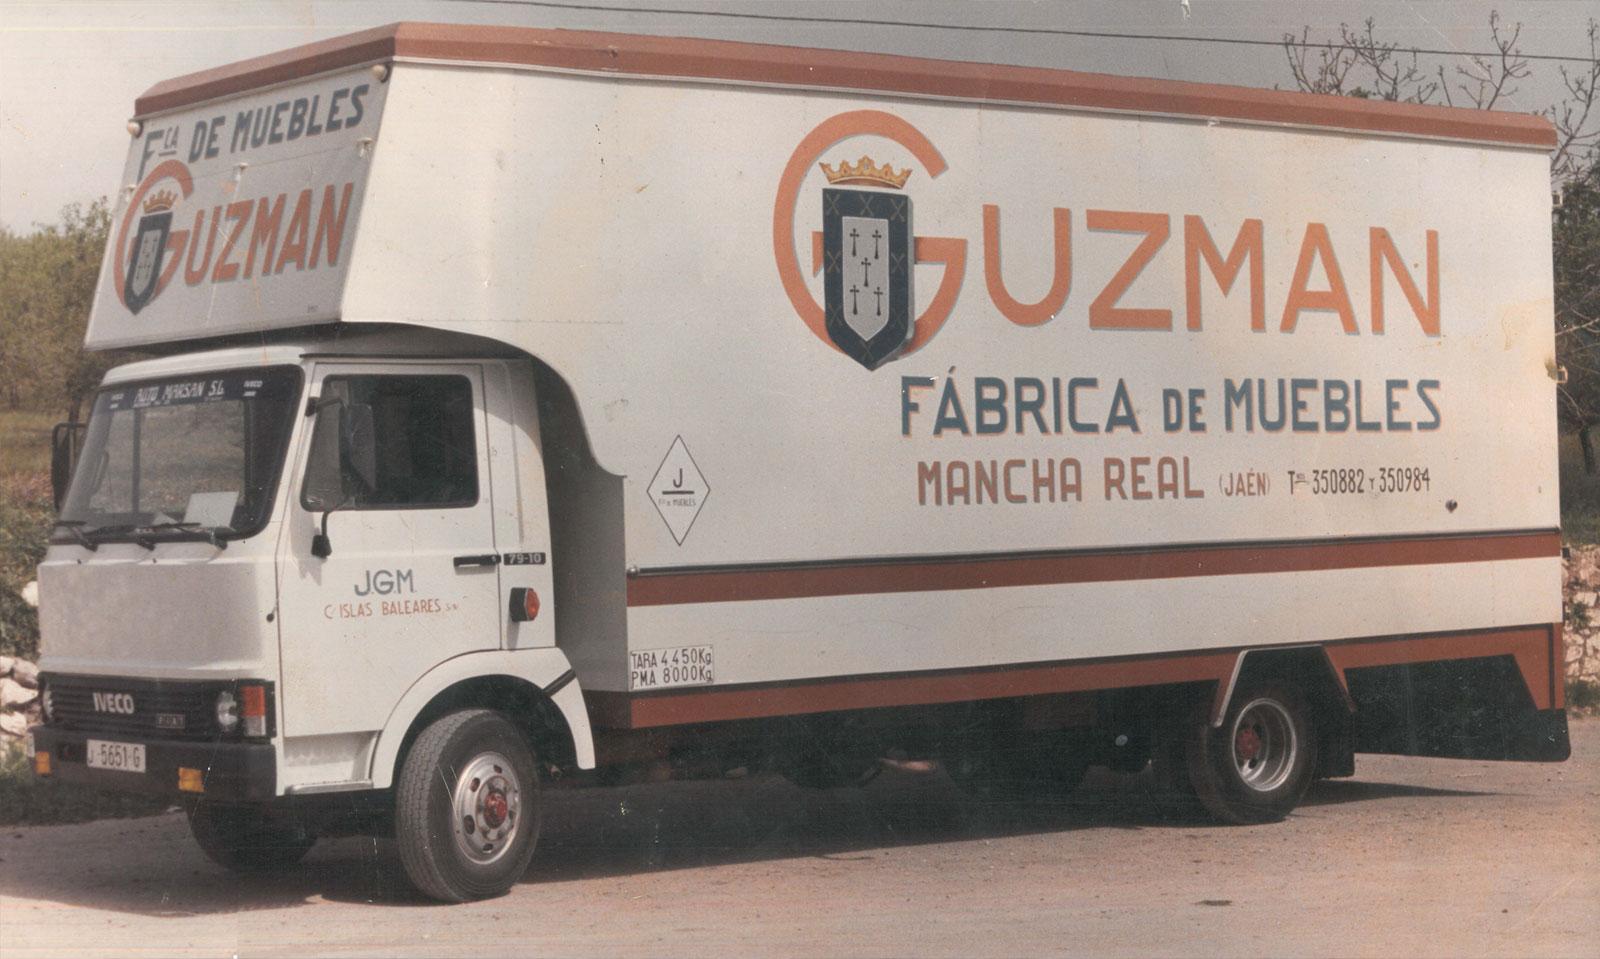 guzman-somos1new